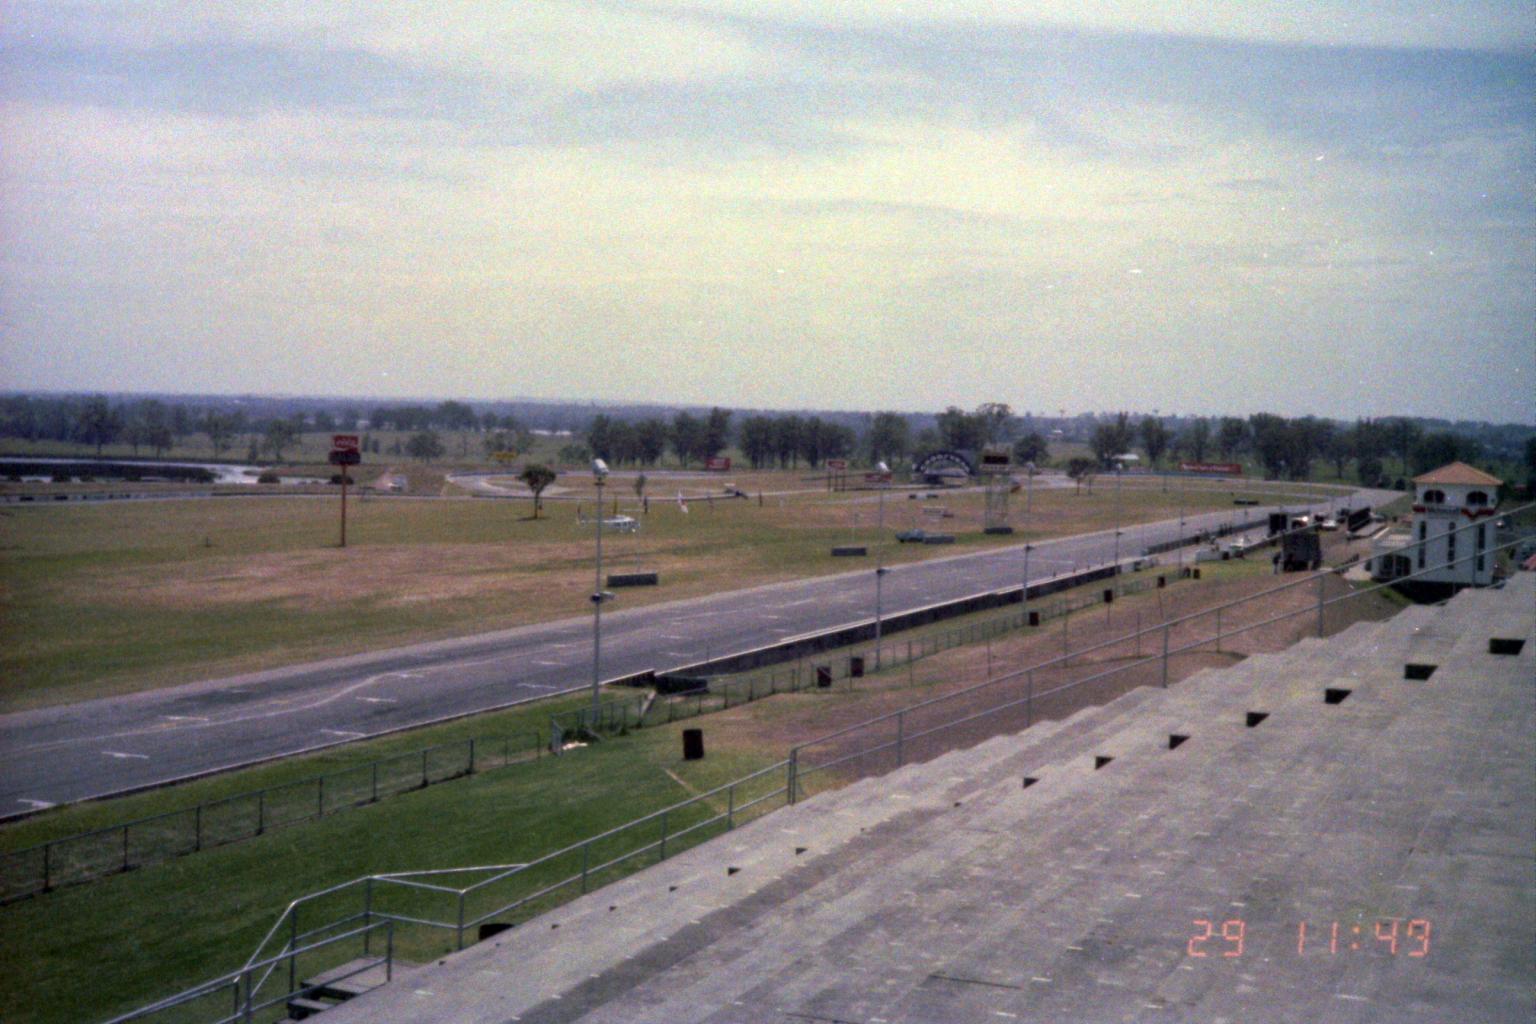 1984_Australia 11-29_(メインスタンドからダンロップストレート)